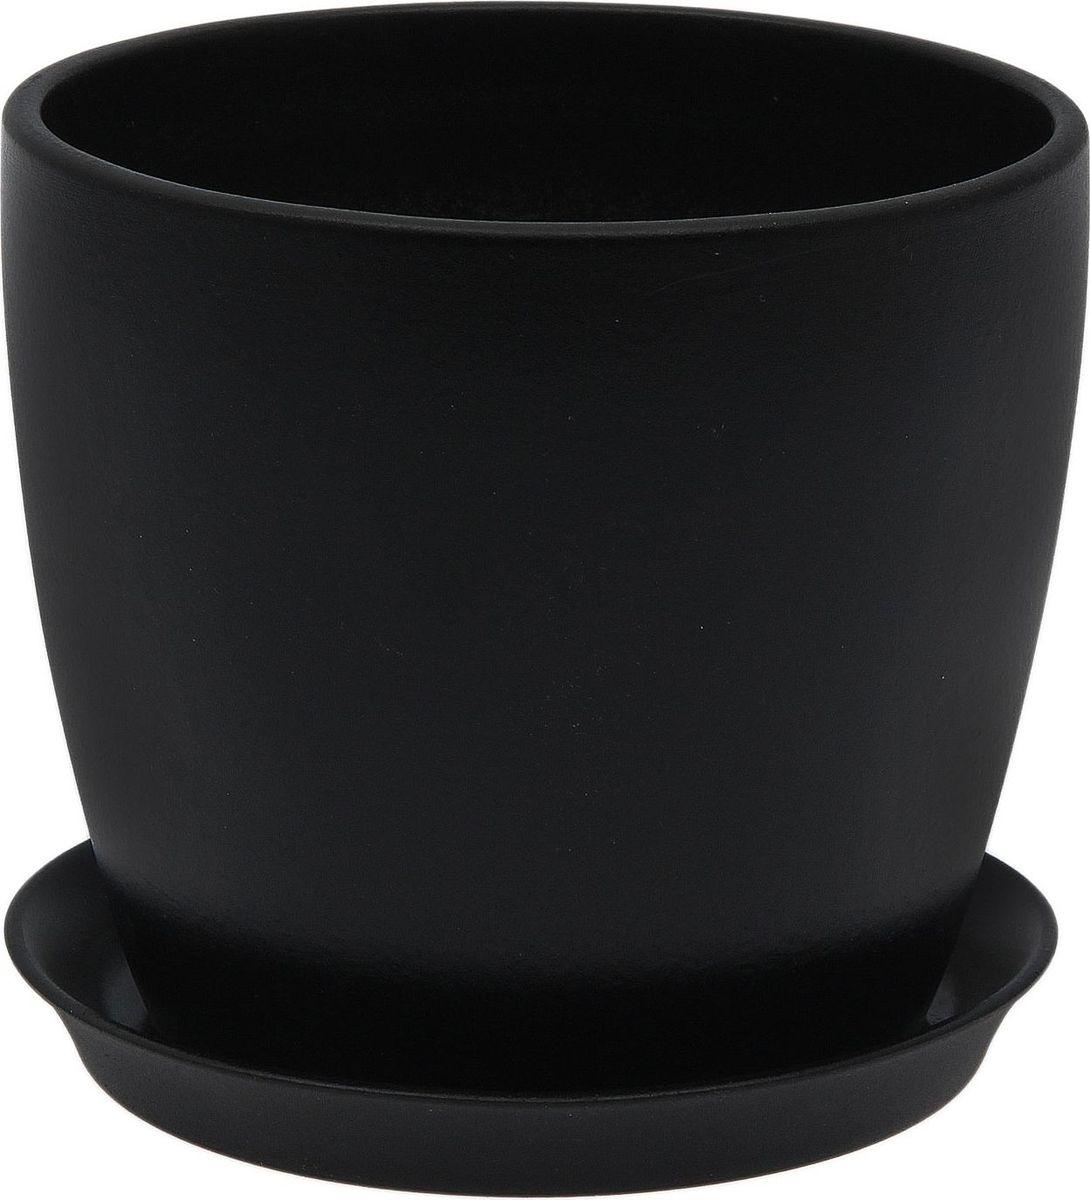 Кашпо Керамика ручной работы Осень. Лак, цвет: черный, 2 л531-402Комнатные растения — всеобщие любимцы. Они радуют глаз, насыщают помещение кислородом и украшают пространство. Каждому из них необходим свой удобный и красивый дом. Кашпо из керамики прекрасно подходят для высадки растений: за счёт пластичности глины и разных способов обработки существует великое множество форм и дизайновпористый материал позволяет испаряться лишней влагевоздух, необходимый для дыхания корней, проникает сквозь керамические стенки! #name# позаботится о зелёном питомце, освежит интерьер и подчеркнёт его стиль.